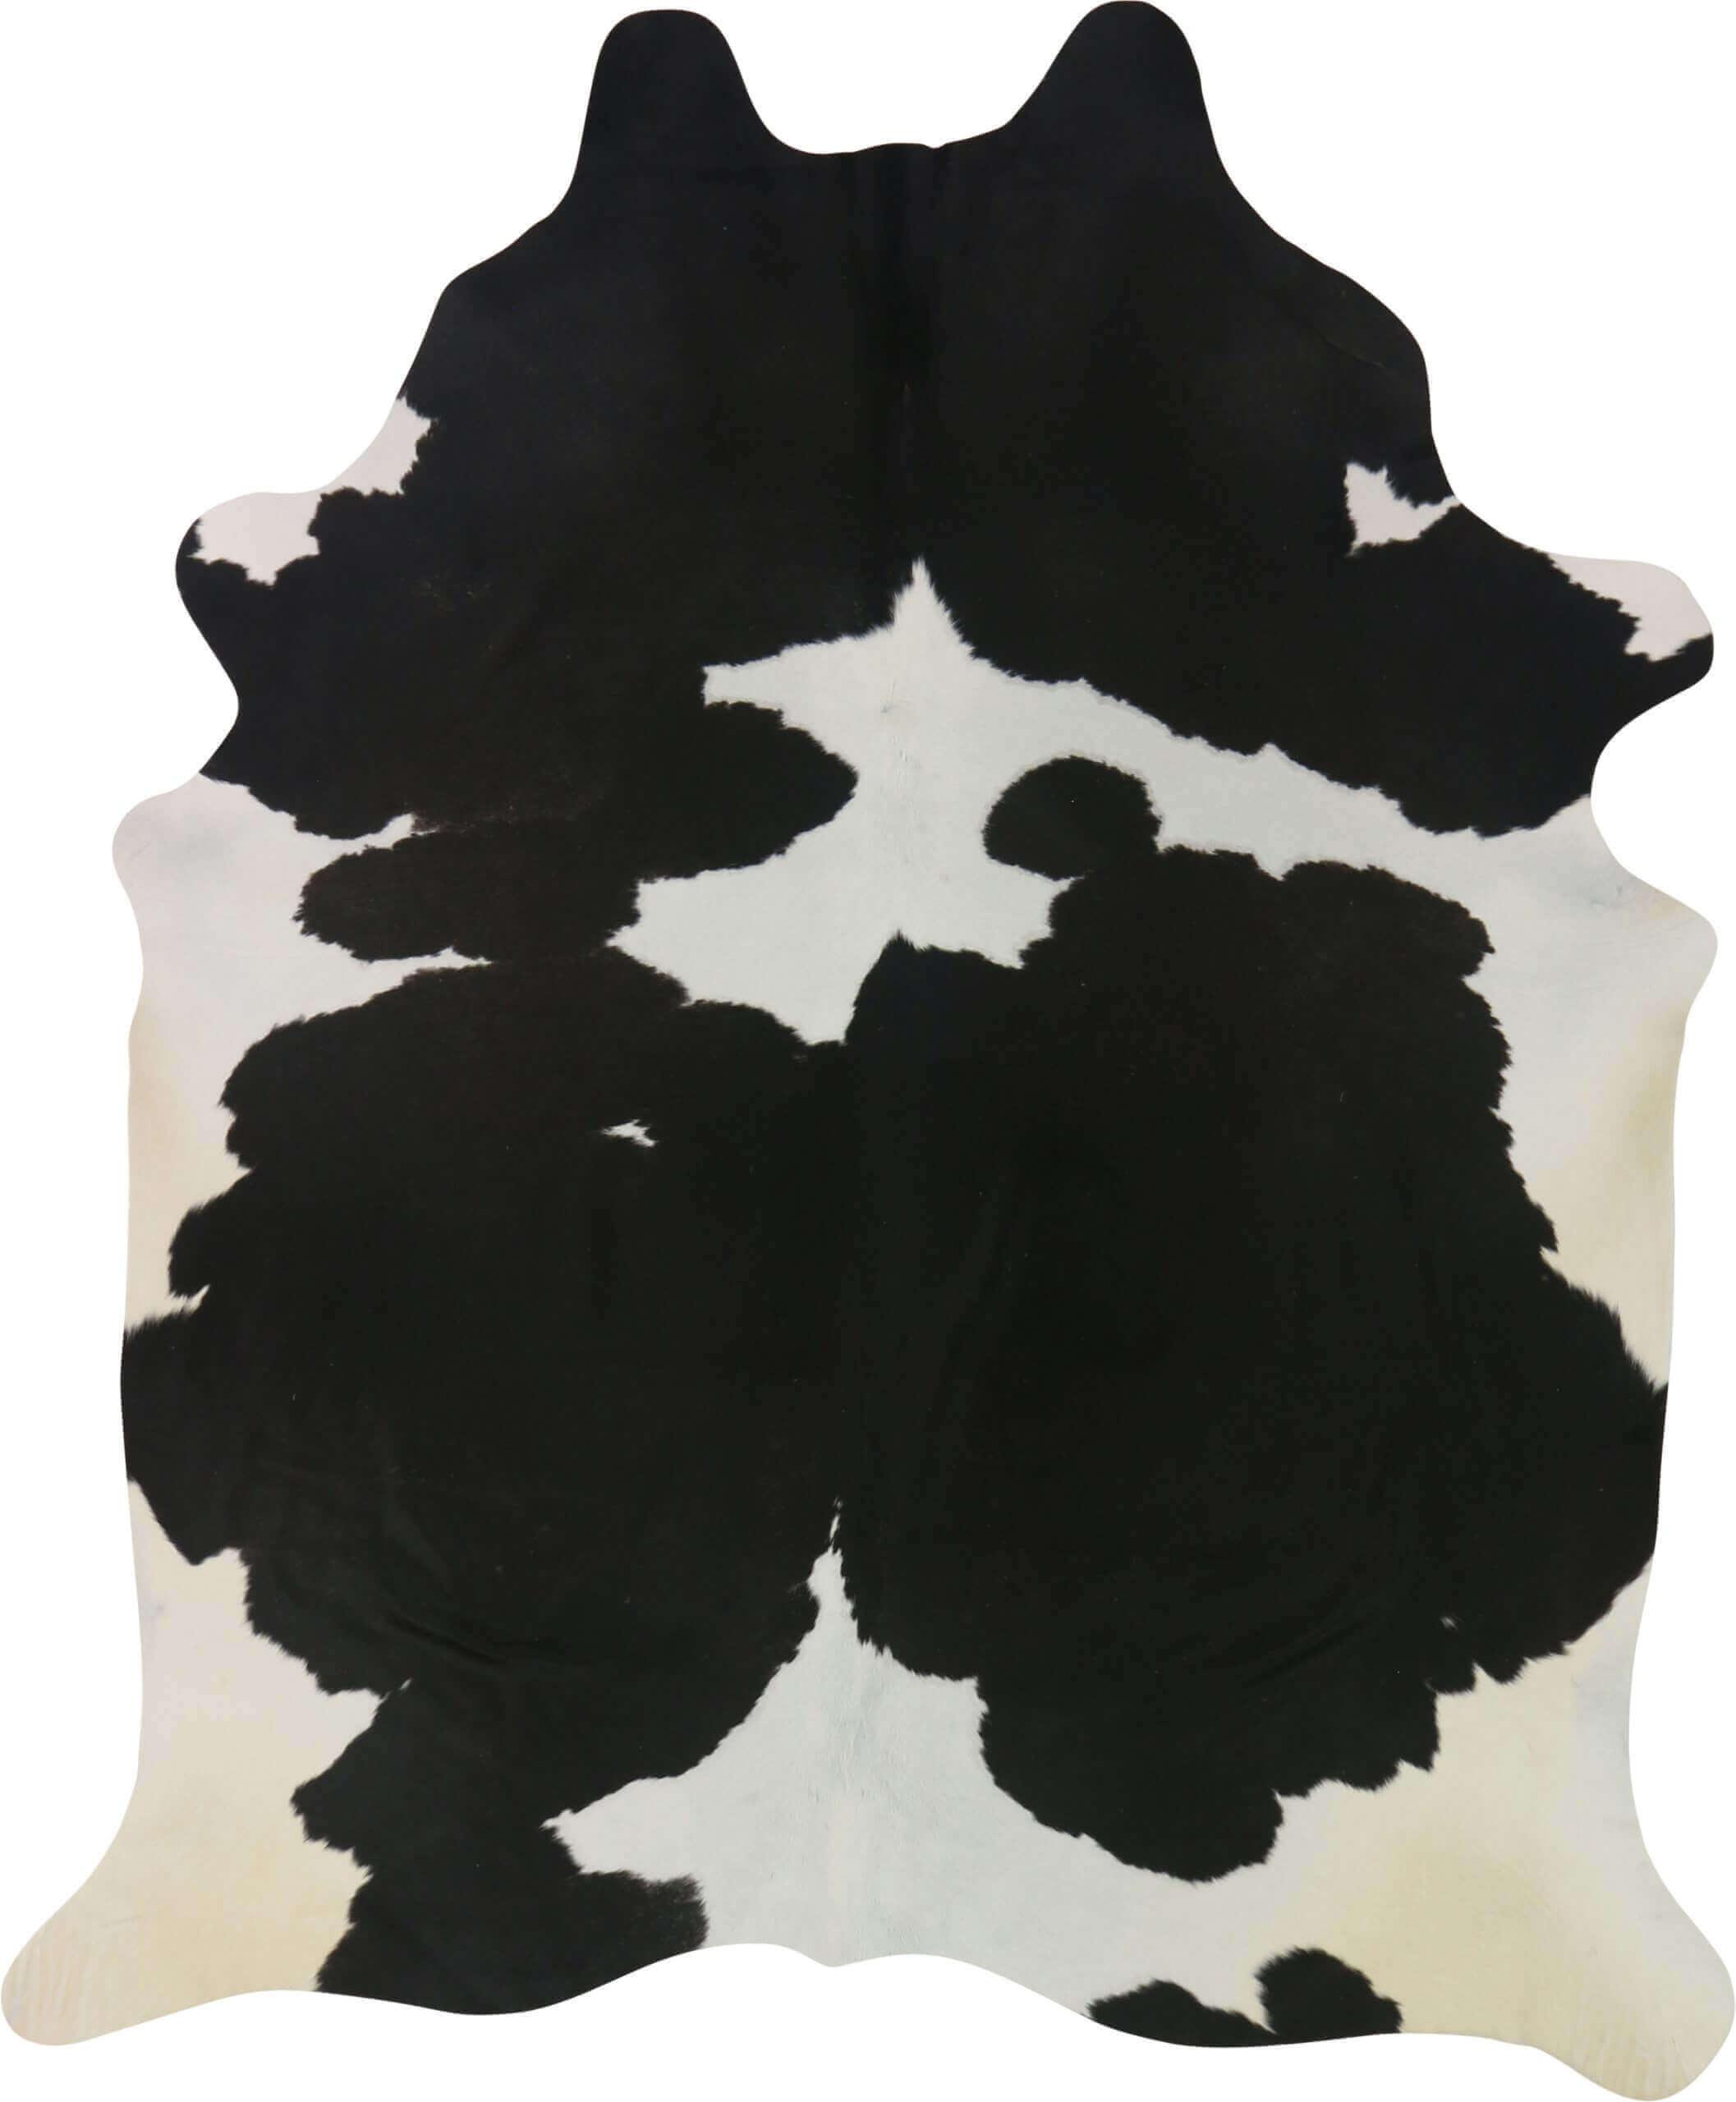 Black And White Cowhide Rug 2.48m x 2.08m